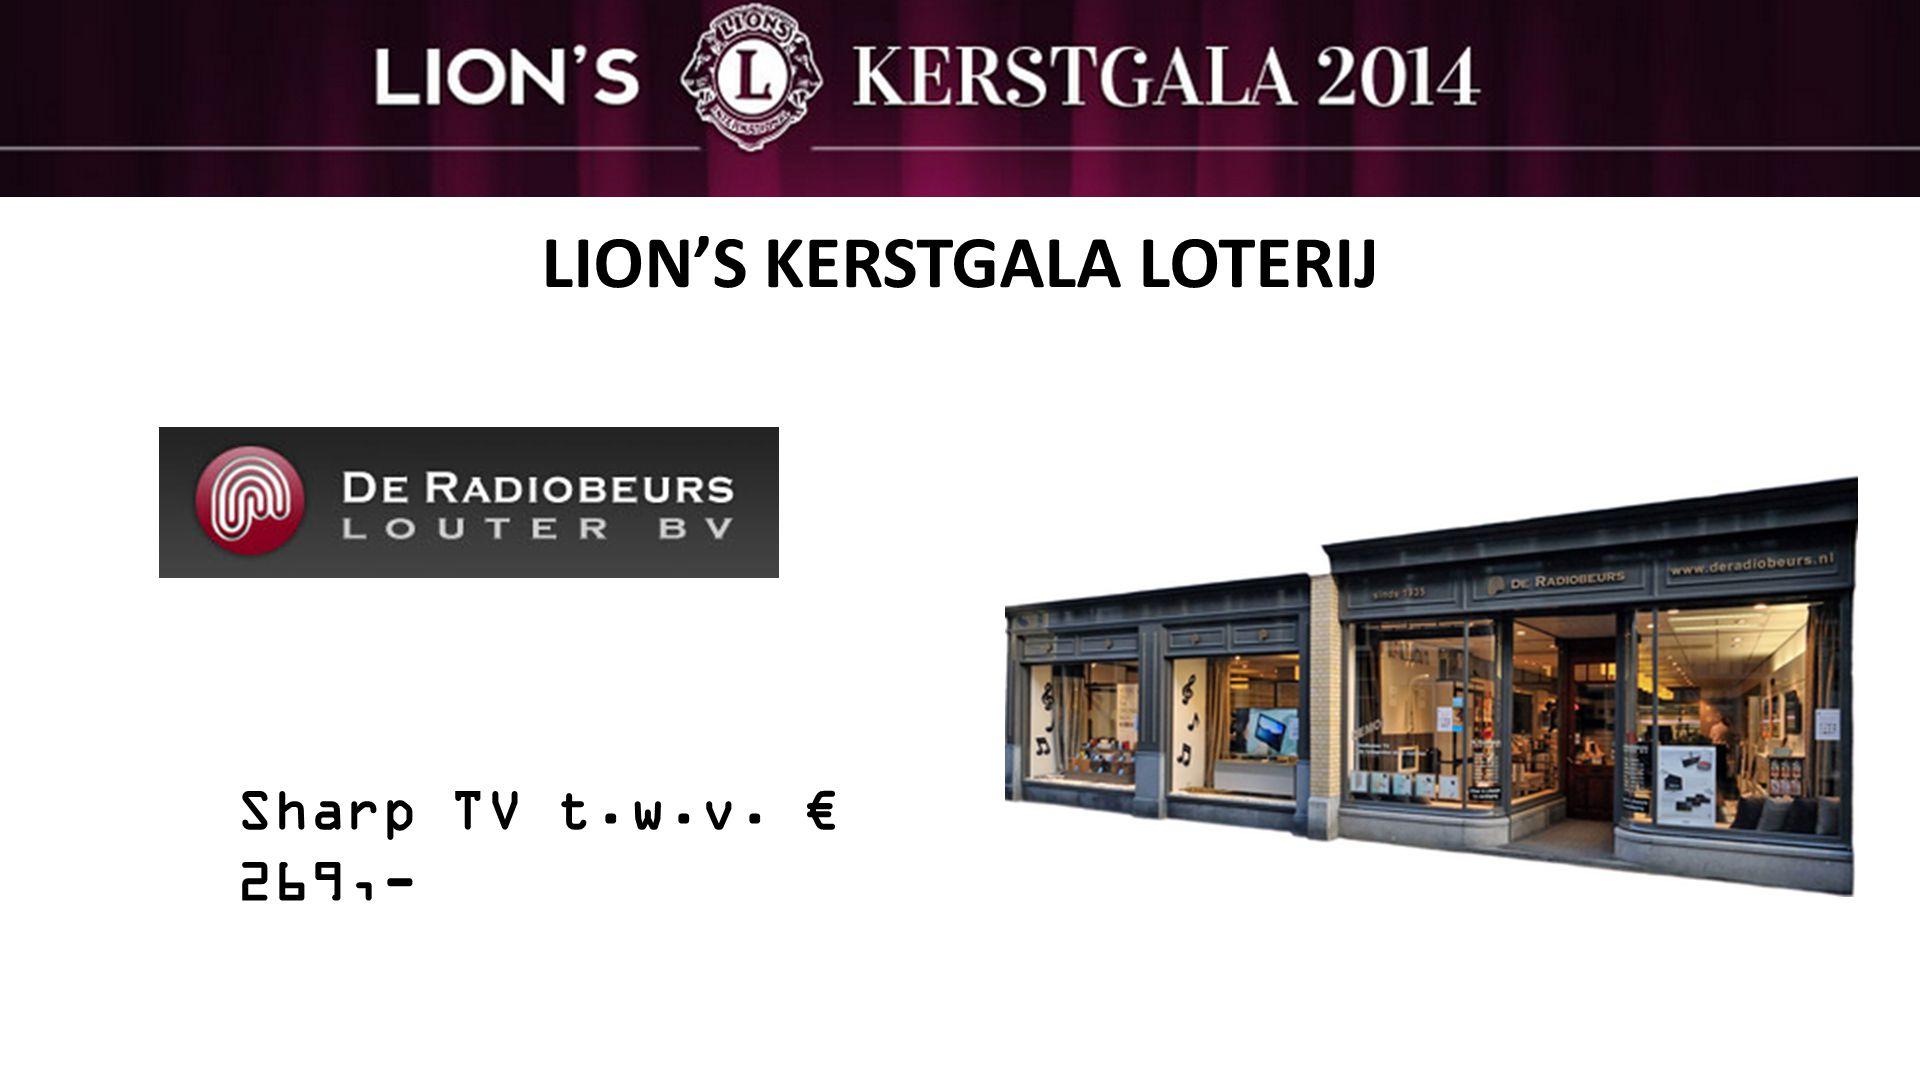 LION'S KERSTGALA LOTERIJ Sharp TV t.w.v. € 269,-